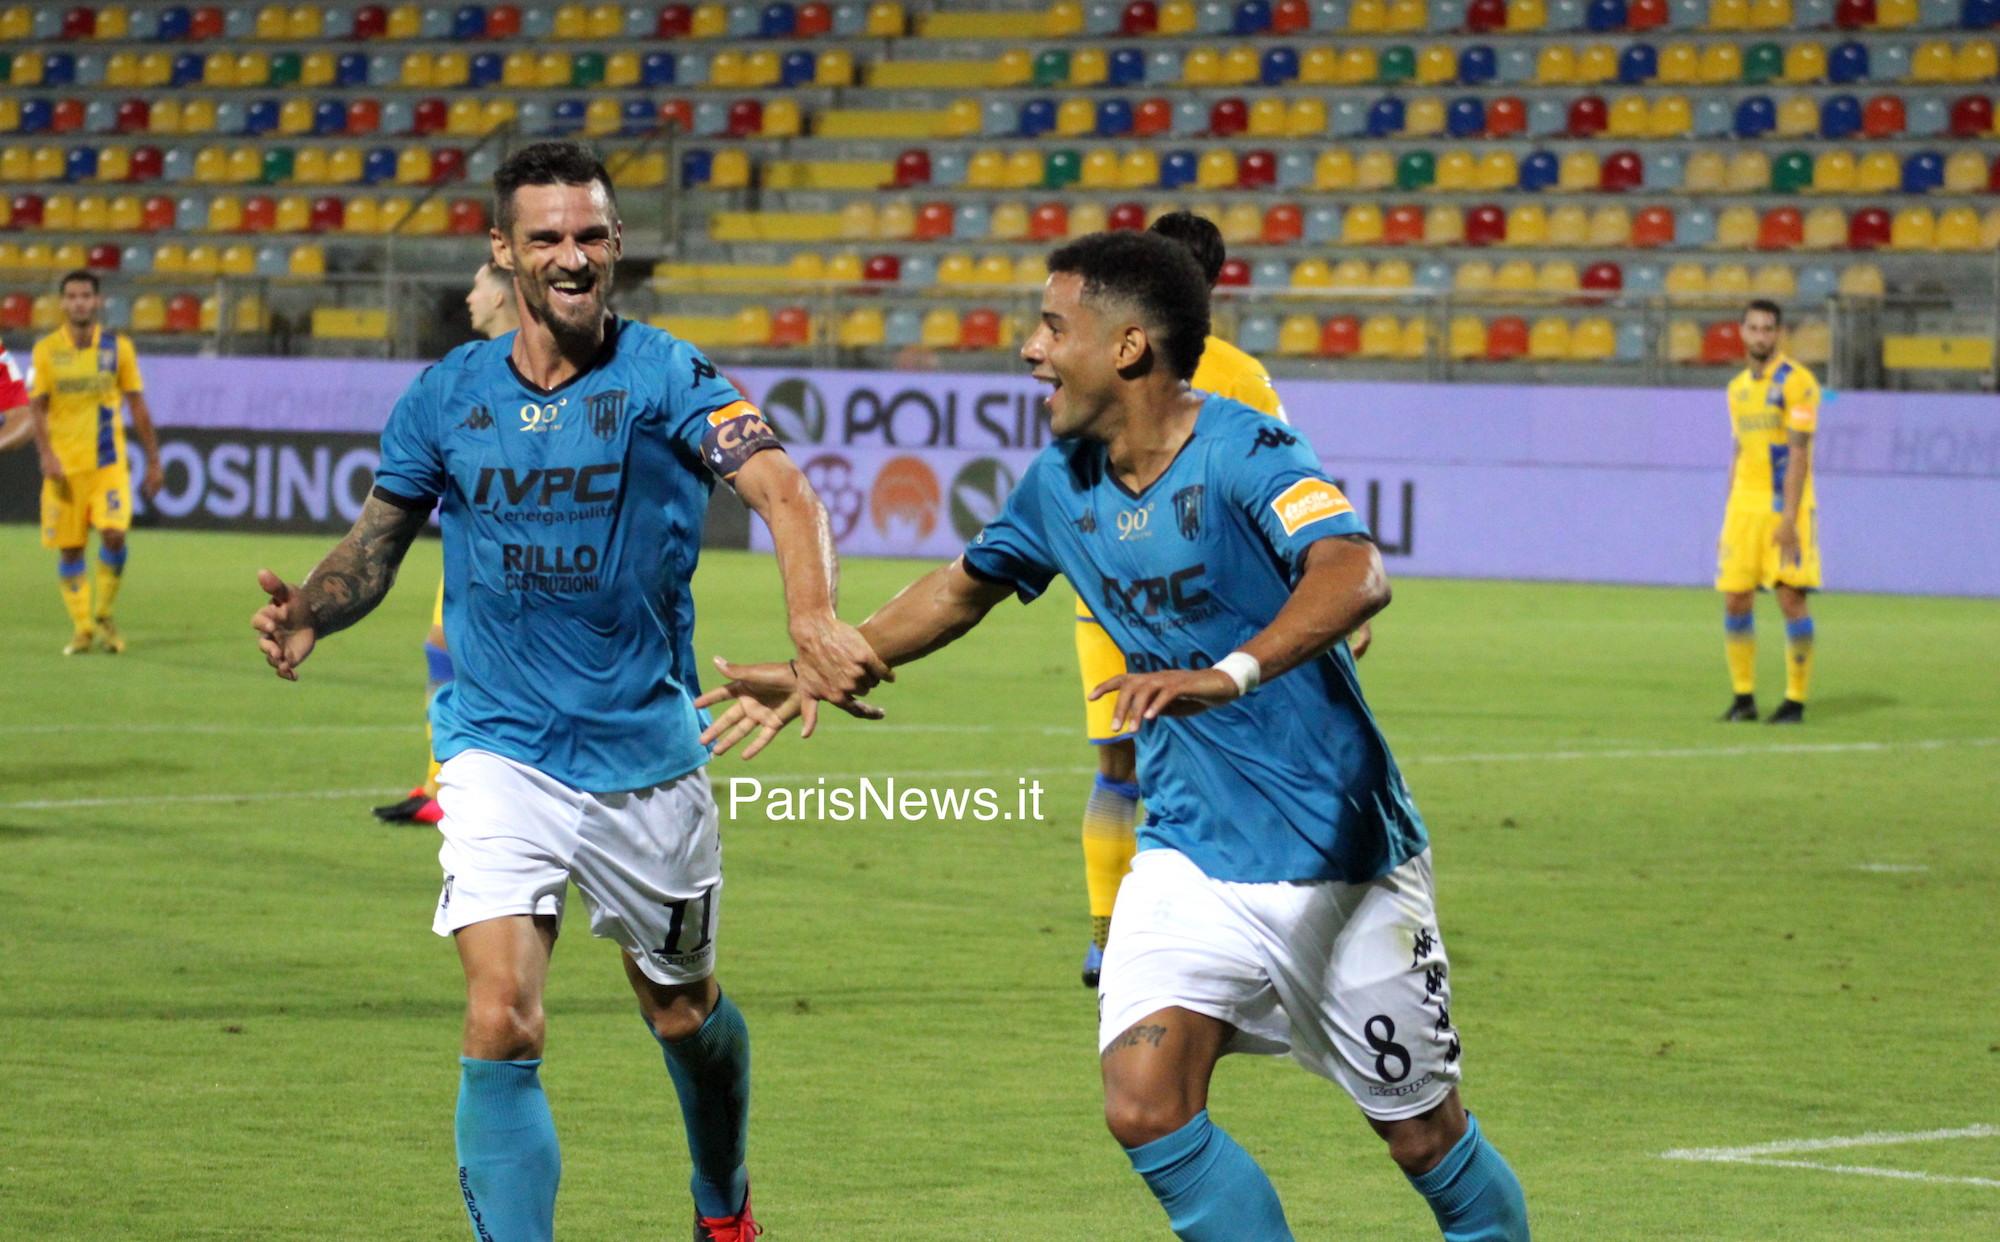 Frosinone - Benevento 2-3 fin